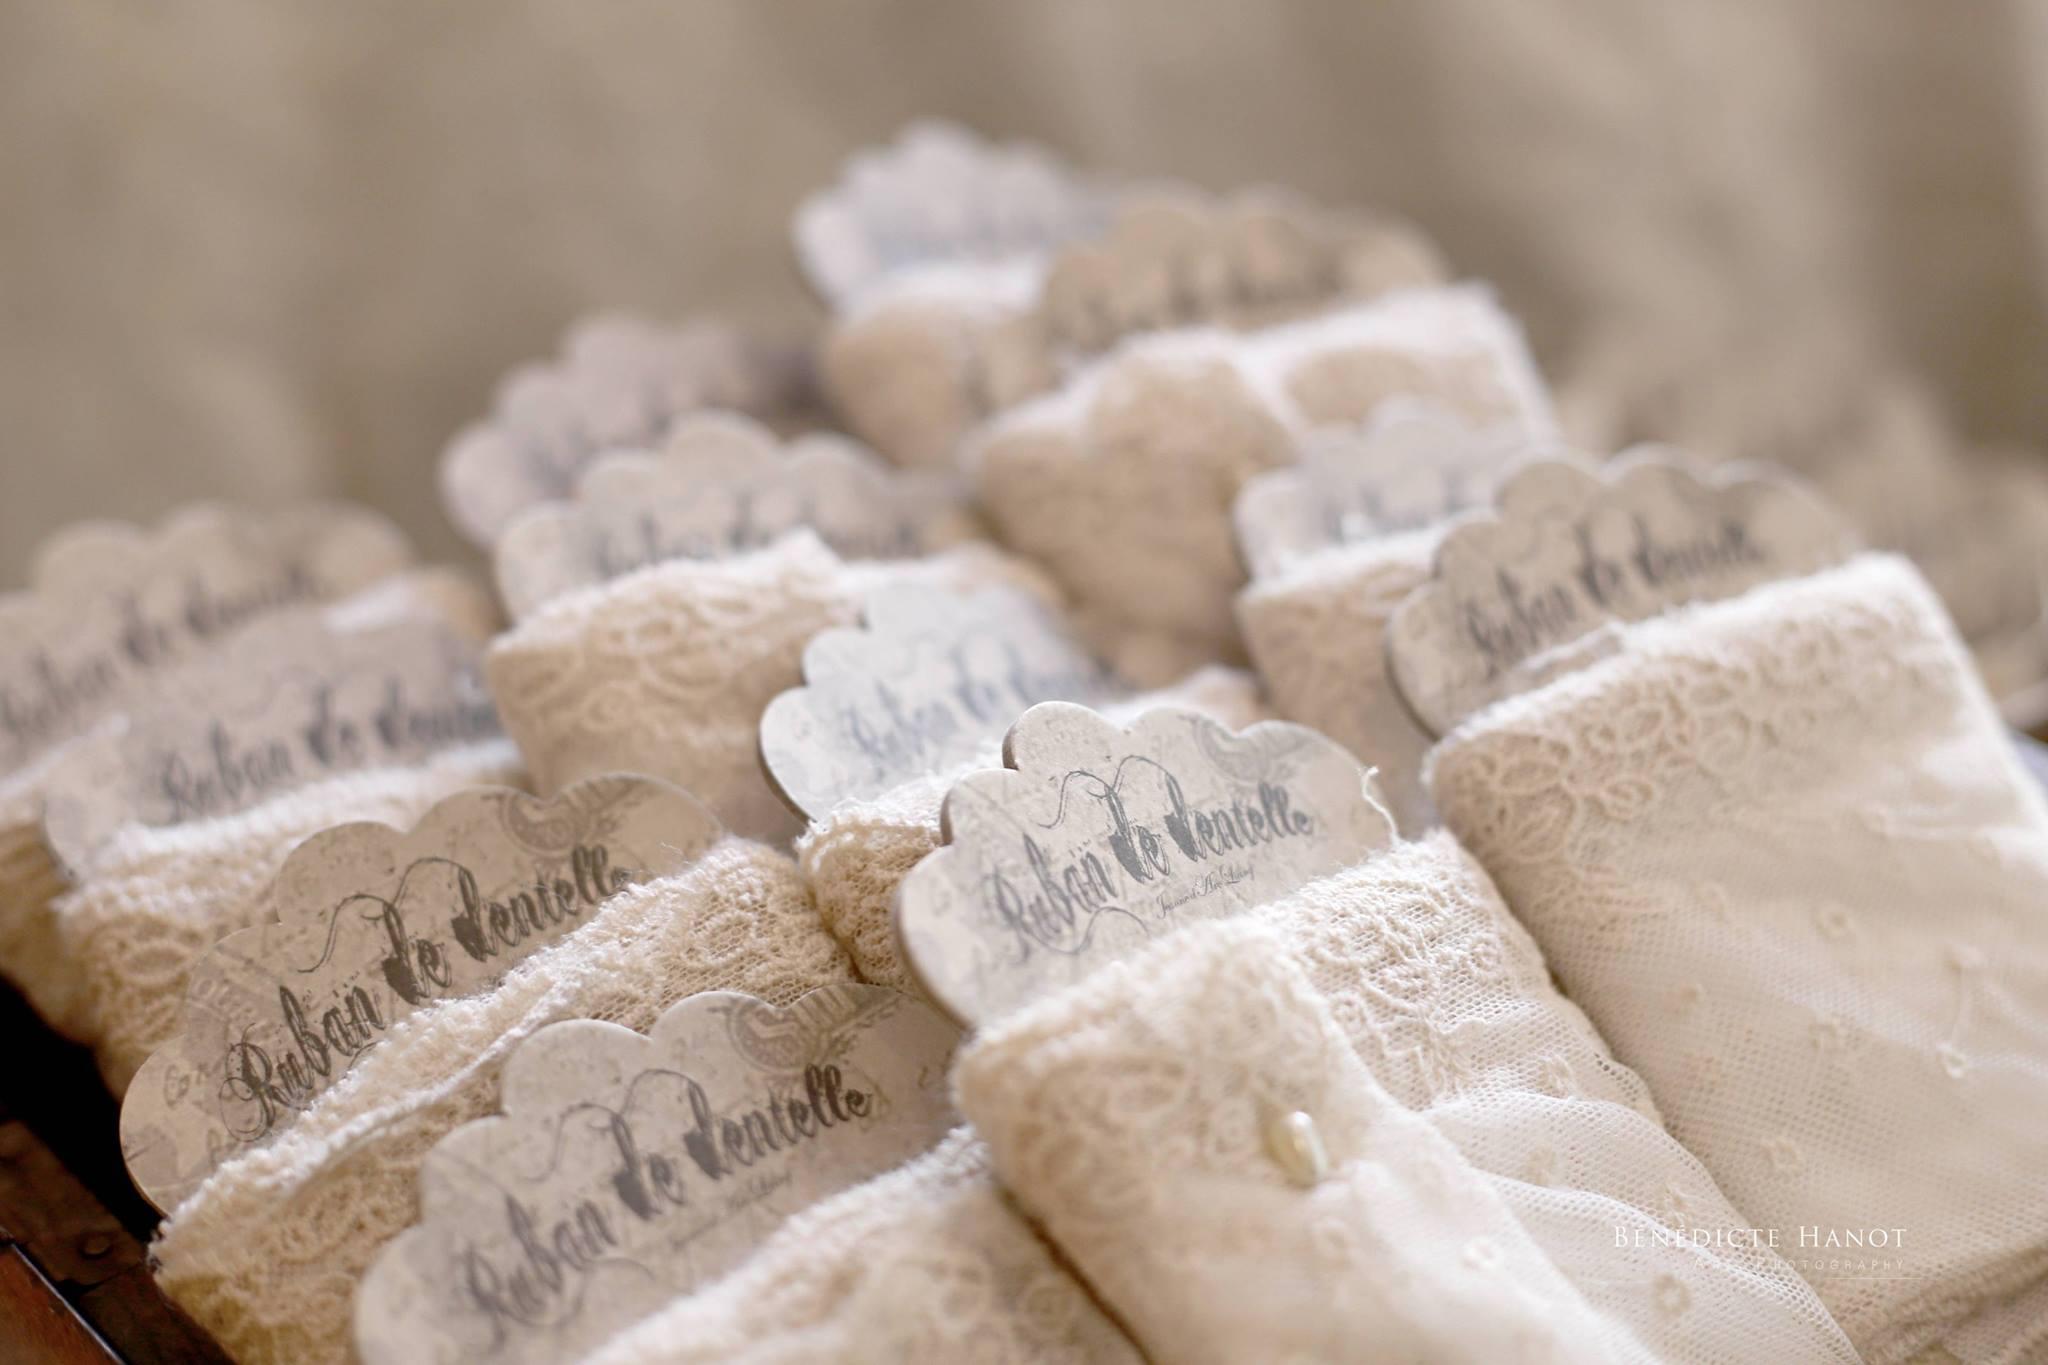 dentelle-romantique-shabby-chic-nordique-jeanne-darc-living-boutique-le-grenier-dalice-rognes